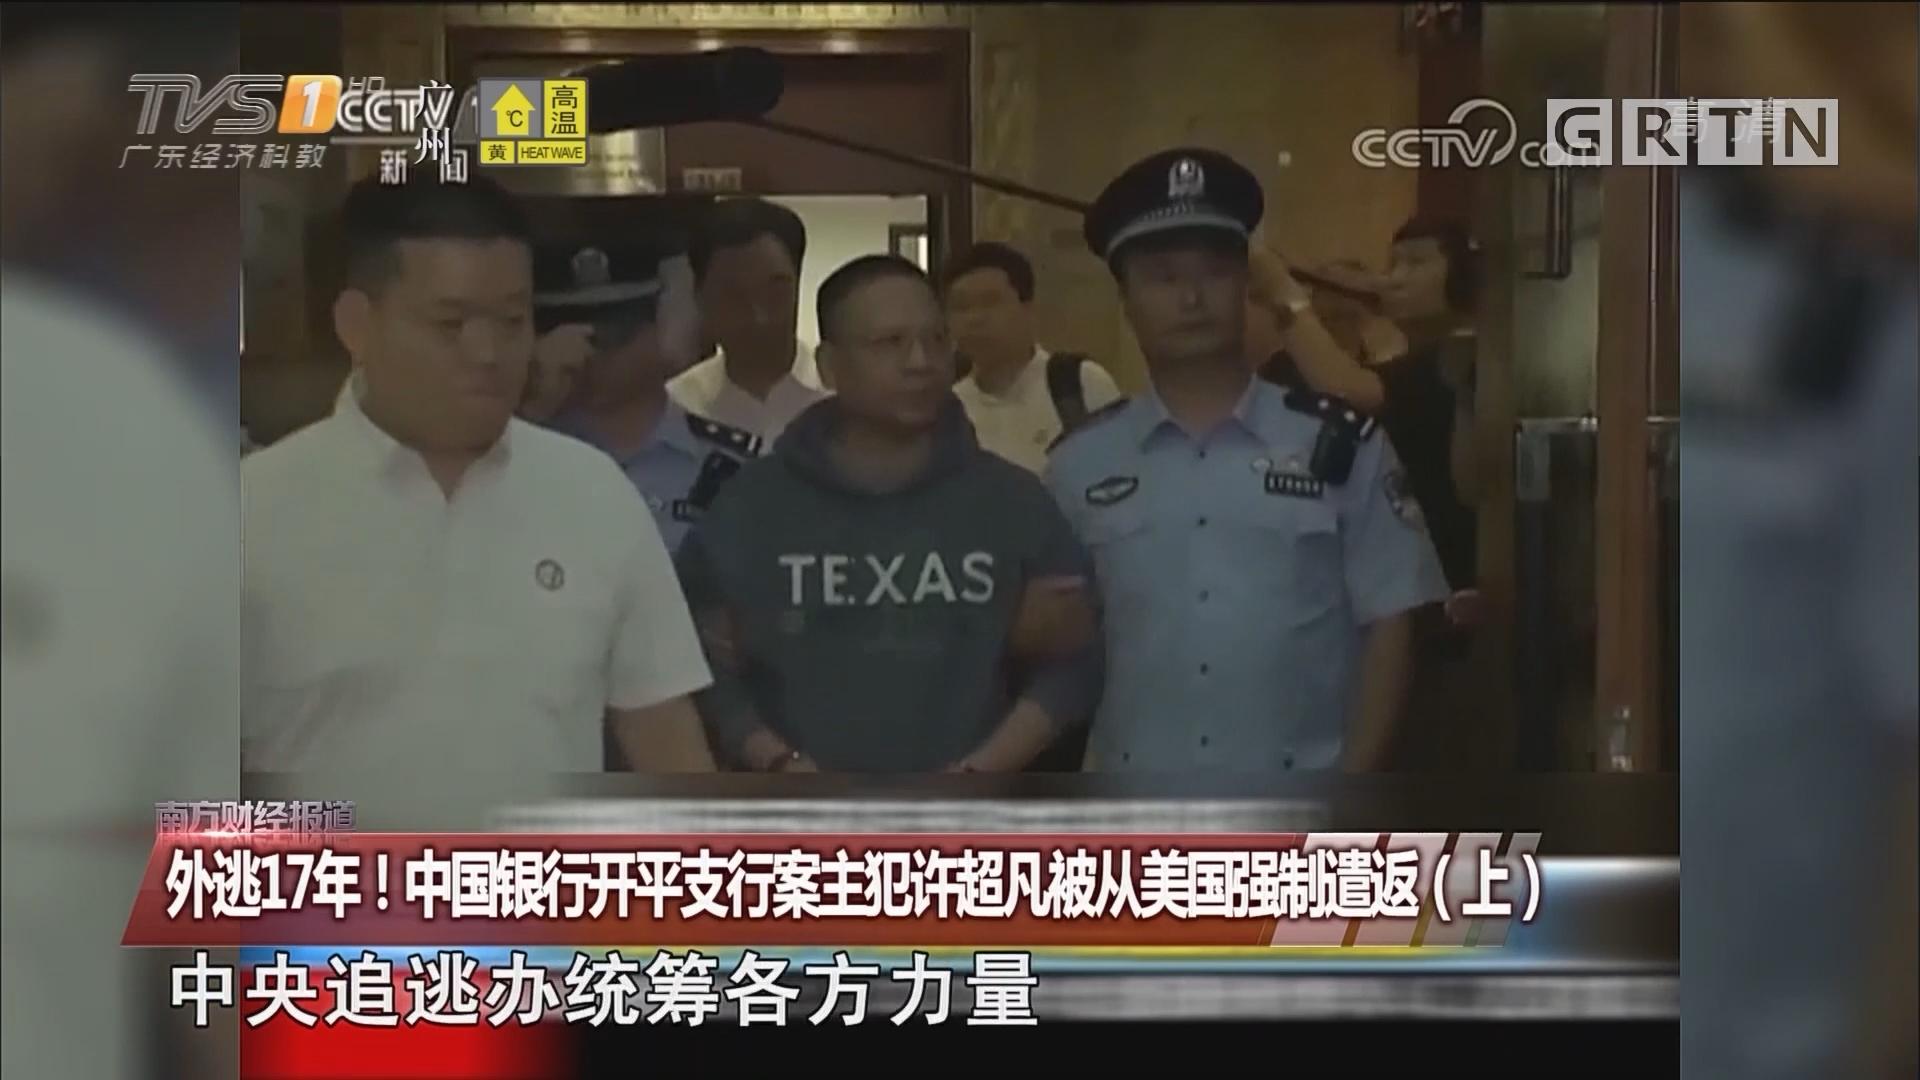 外逃17年!中国银行开平支行案主犯许超凡被从美国强制遣返(上)